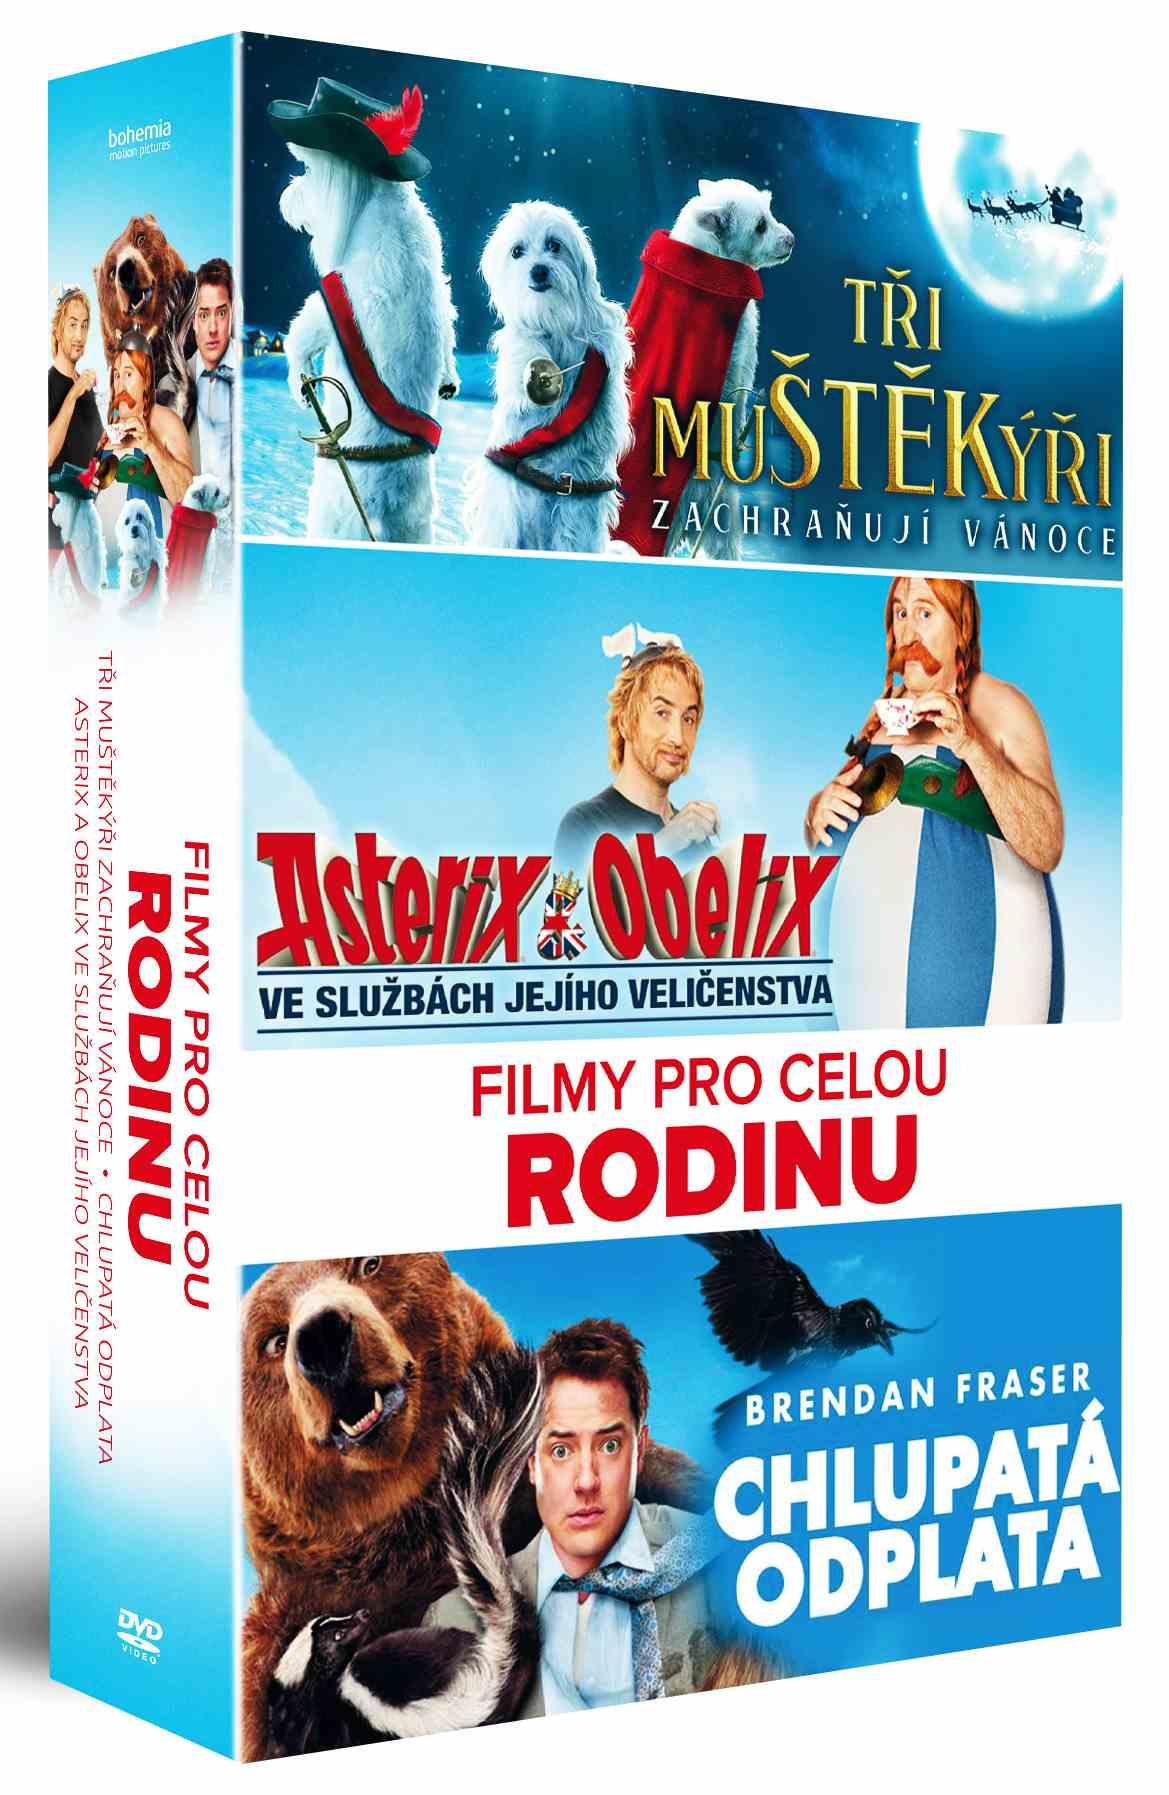 Filmy pro celou rodinu (Tři muŠTĚKýři + Chlupatá odplata + Asterix) - 3 DVD